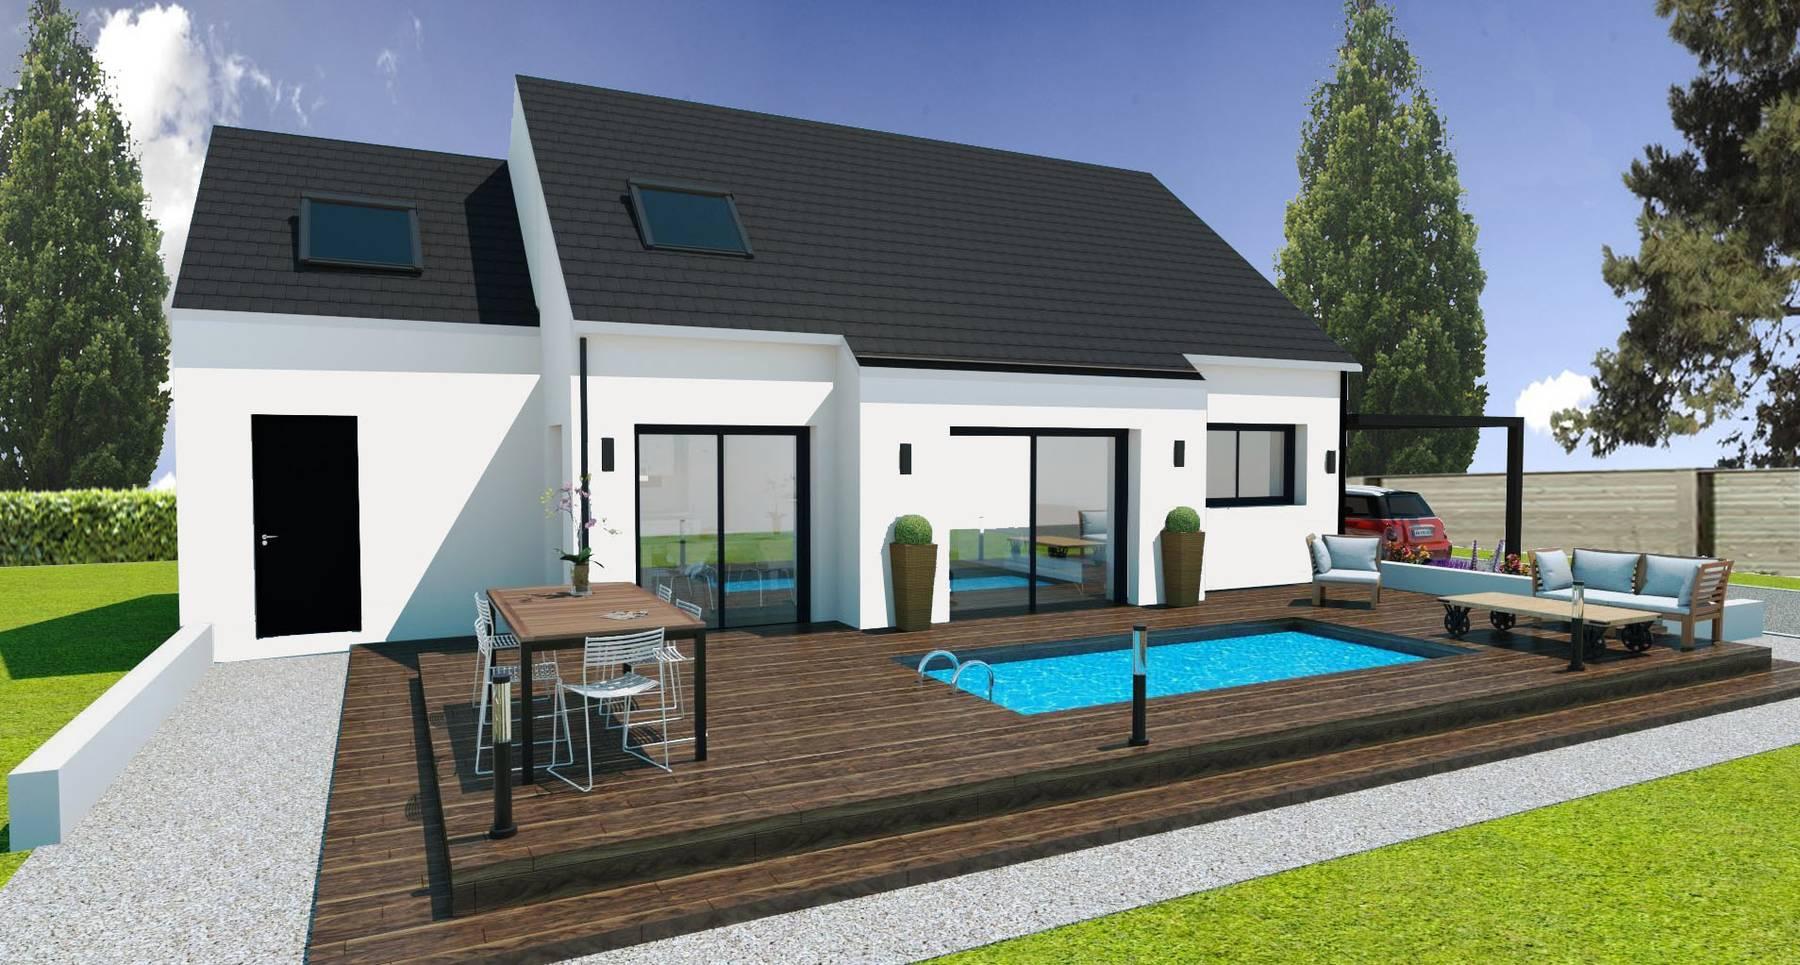 Investir dans une maison neuve maisons pep 39 s - Investir dans une maison de retraite ...